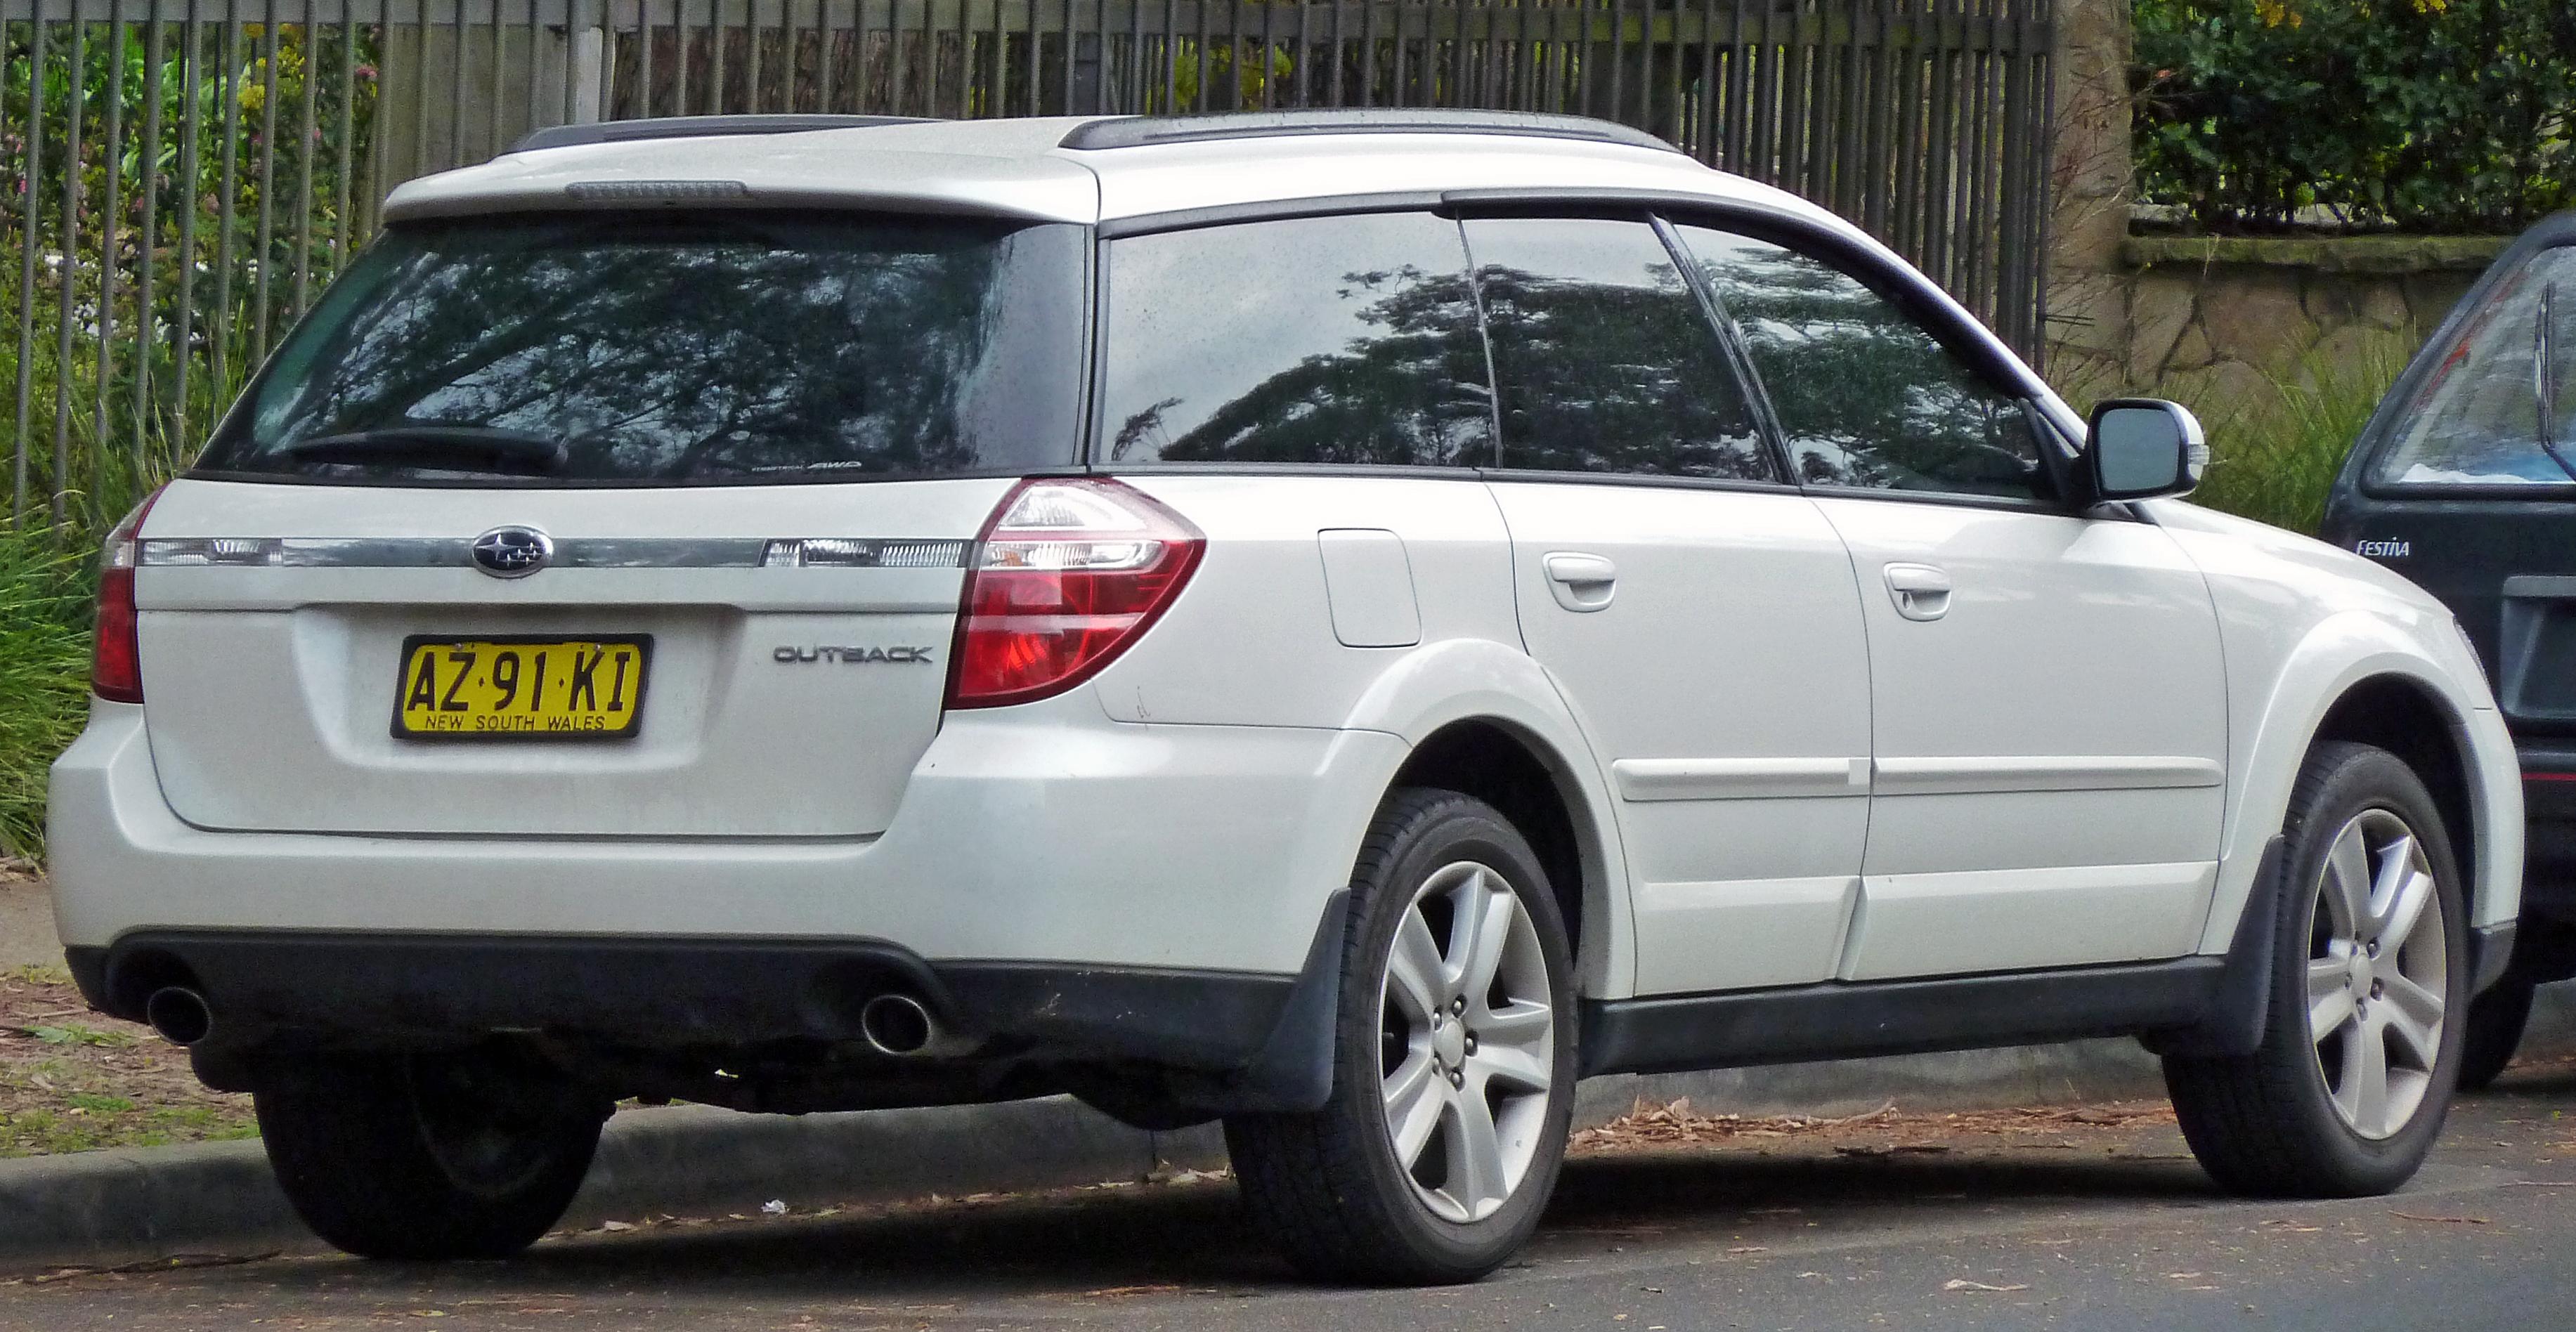 2007 Subaru Outback Image 11